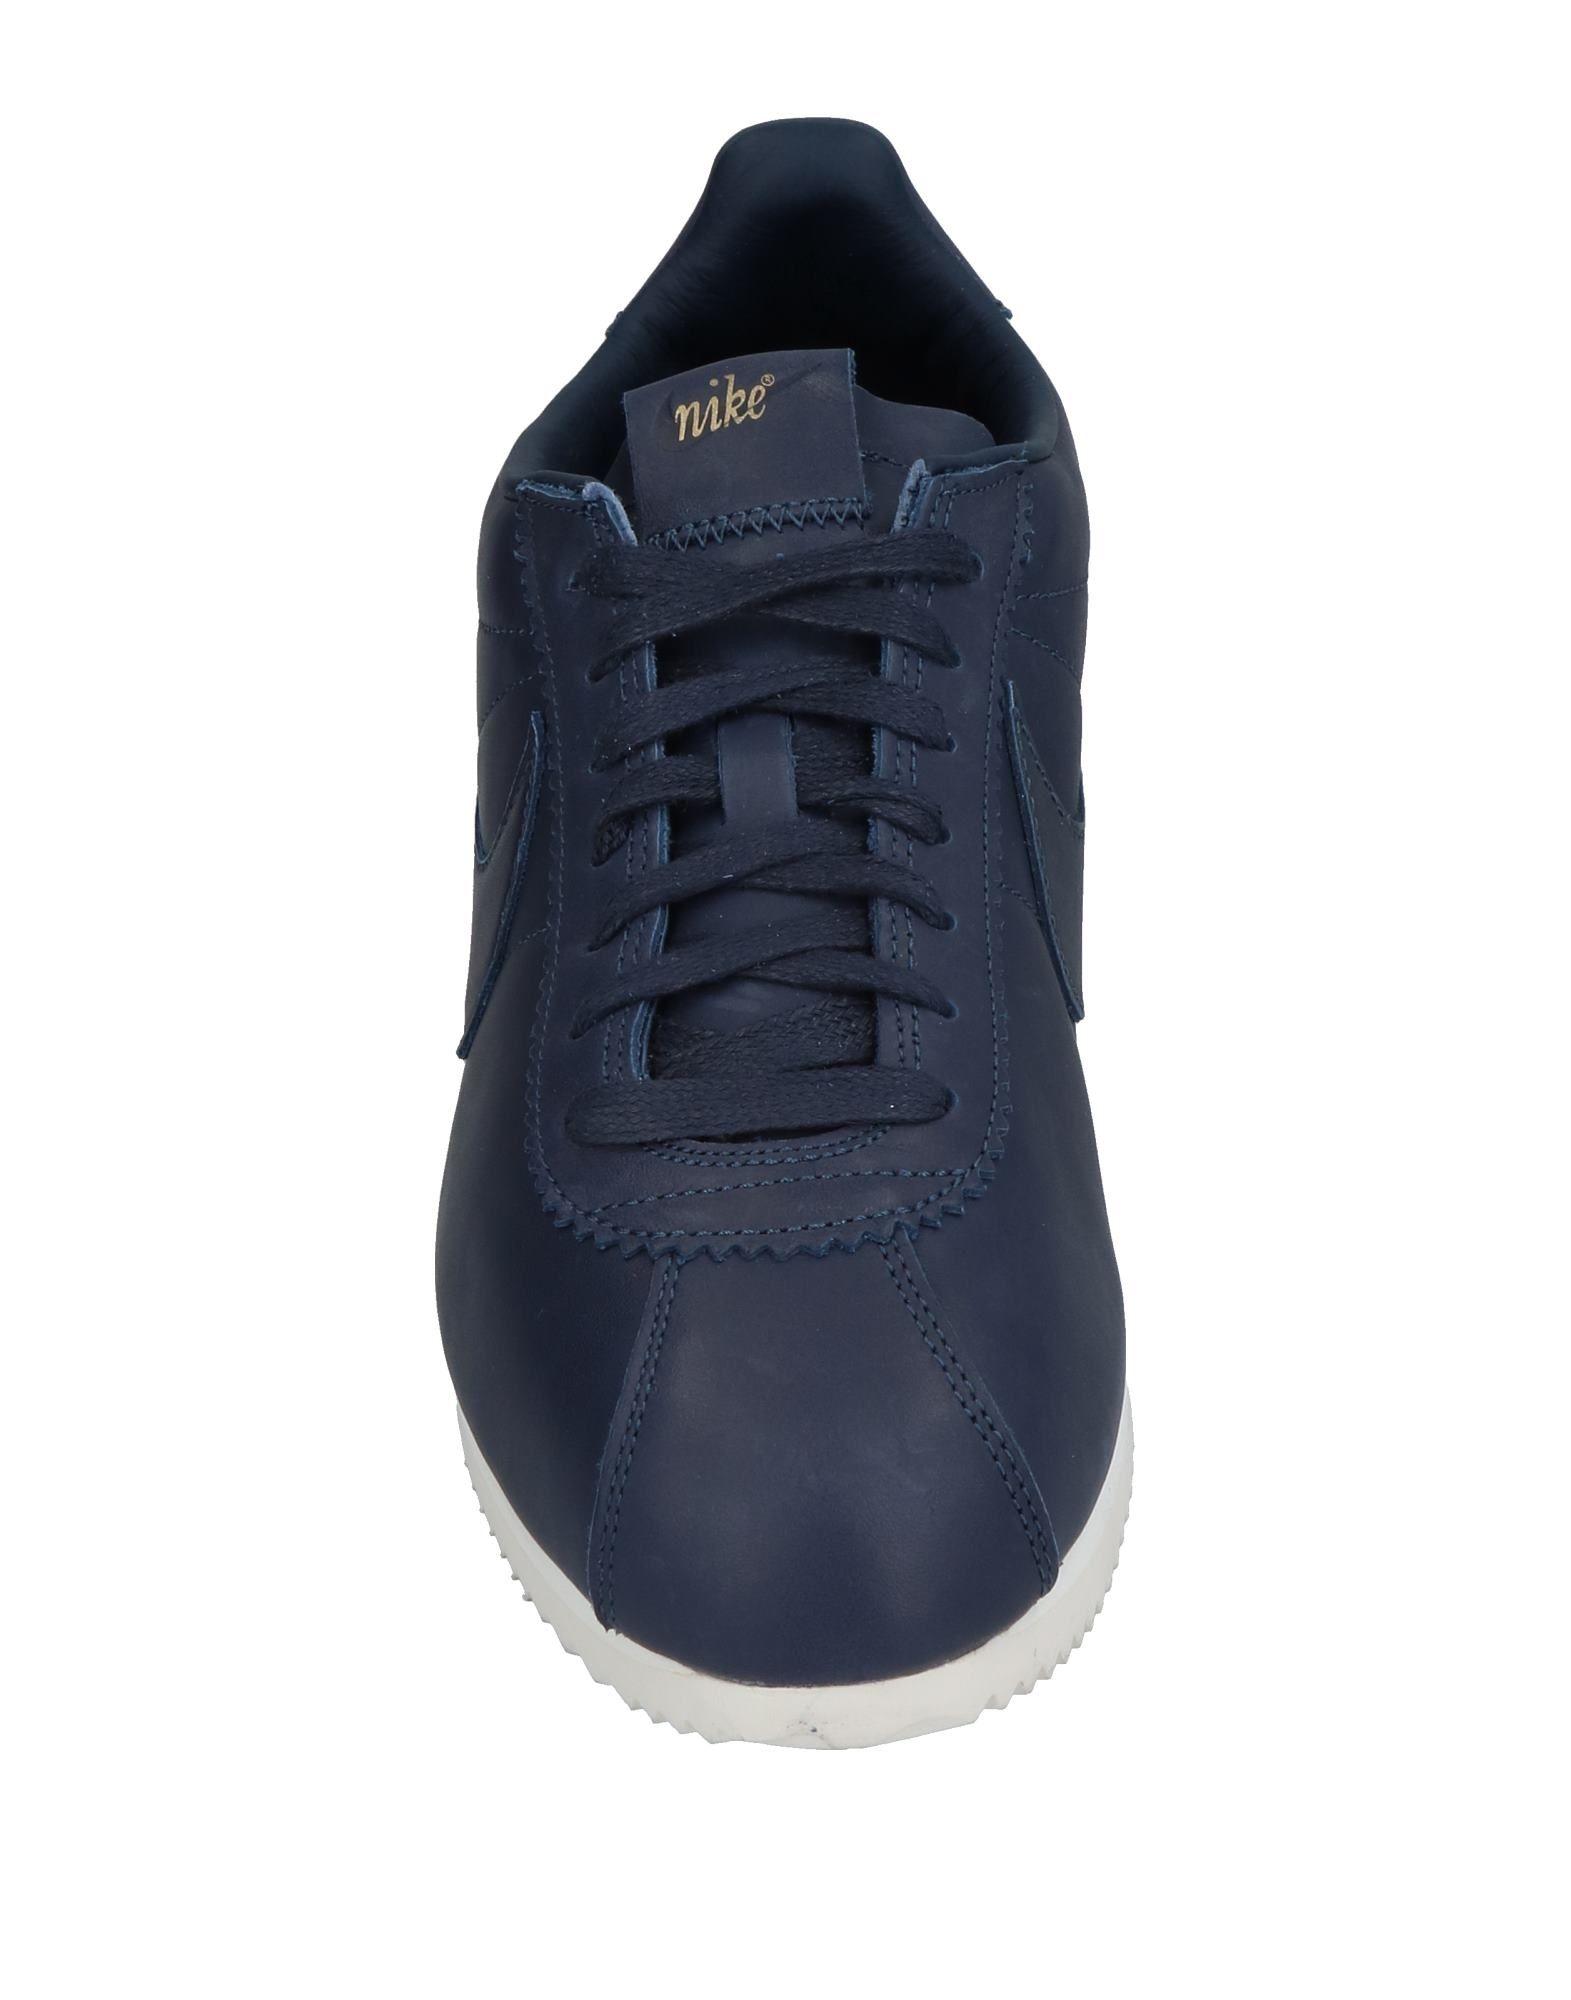 Nike Sneakers Herren  Schuhe 11359561UP Heiße Schuhe  29116f